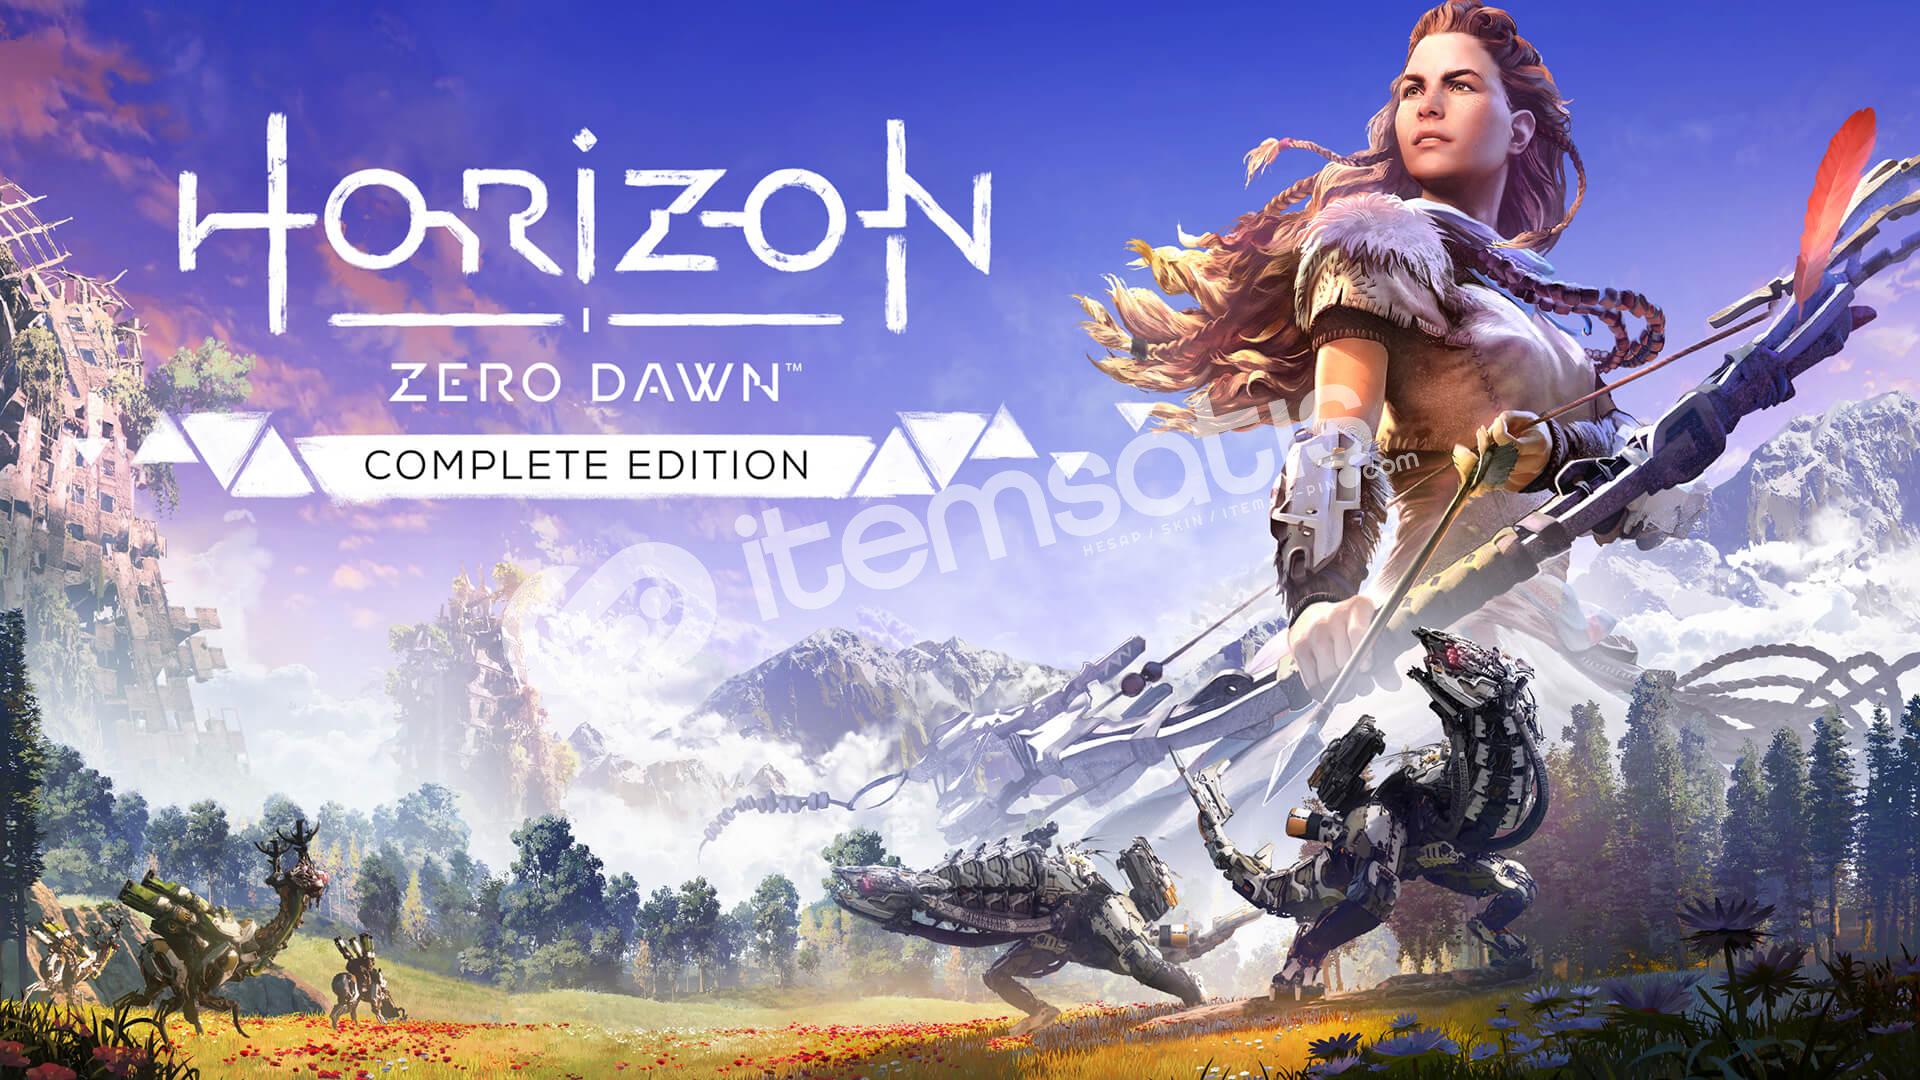 Horizon Zero Dawn Complete Edition (3.00TL)